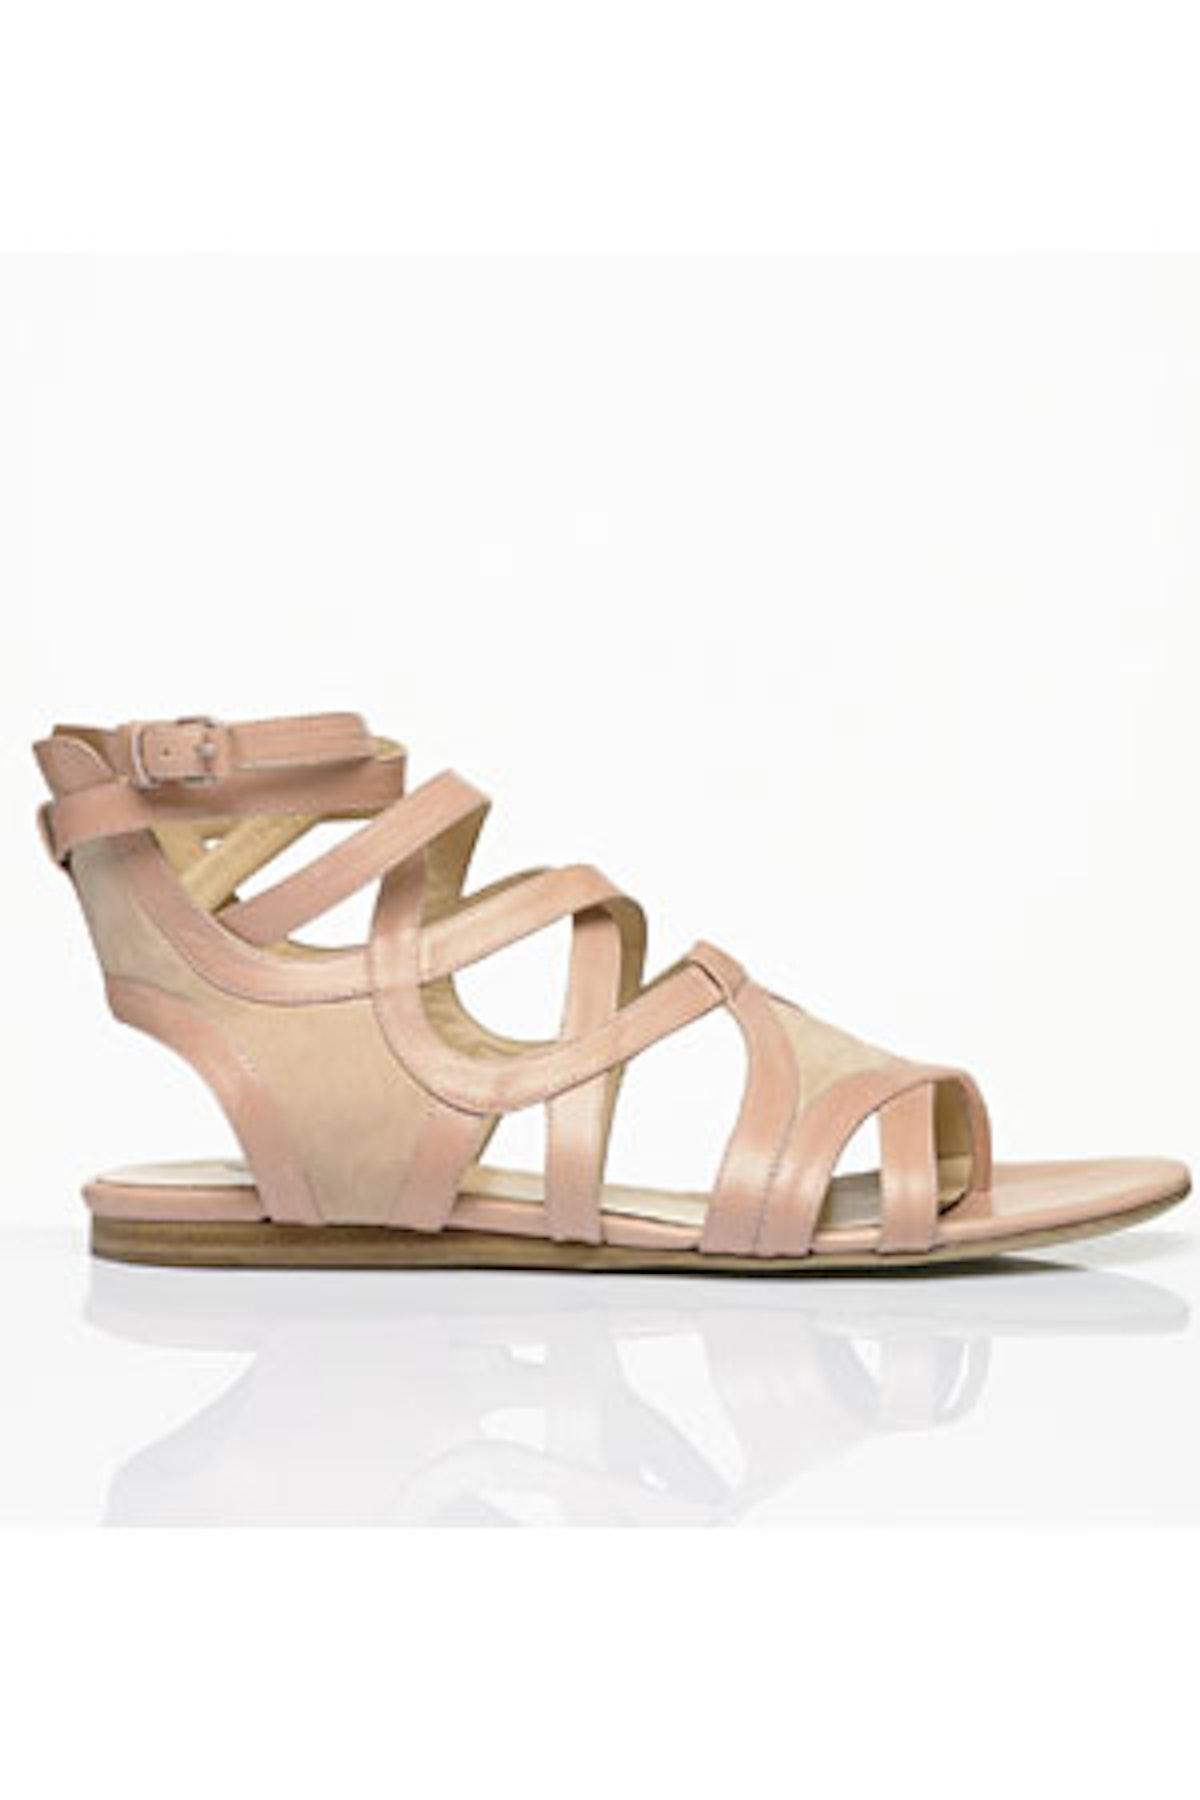 acss_sandals_01_v.jpg